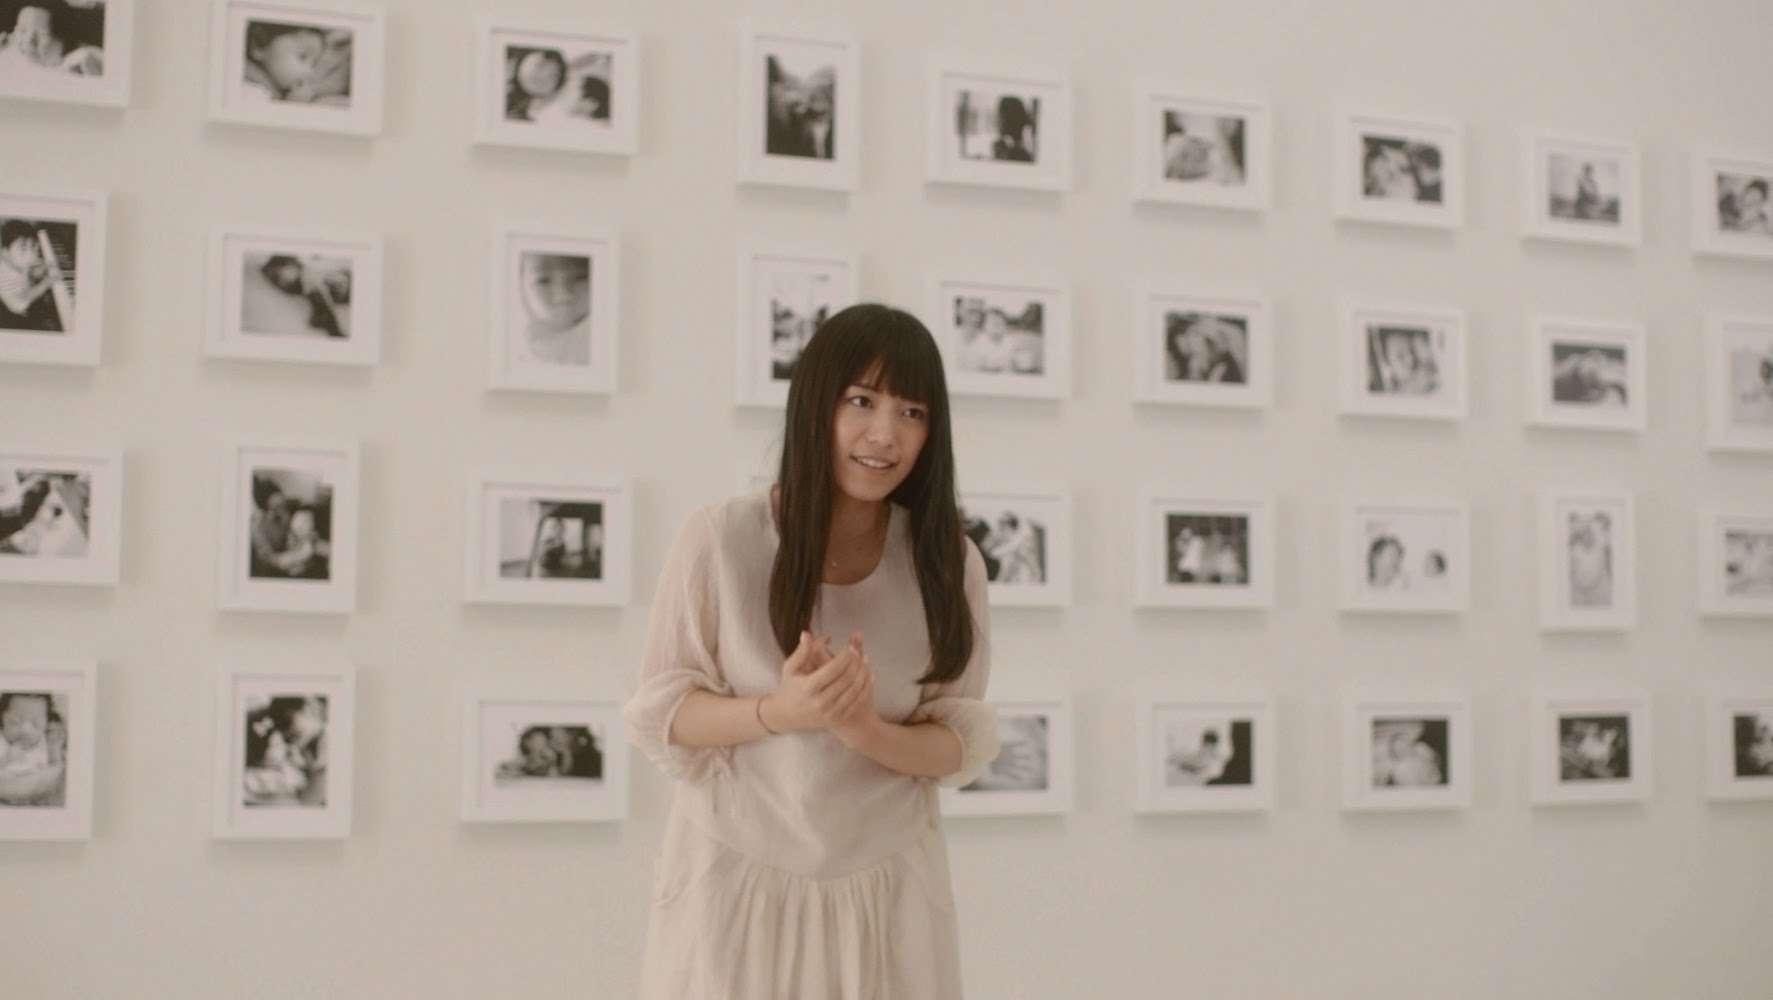 miwa 『あなたがここにいて抱きしめることができるなら』 - YouTube